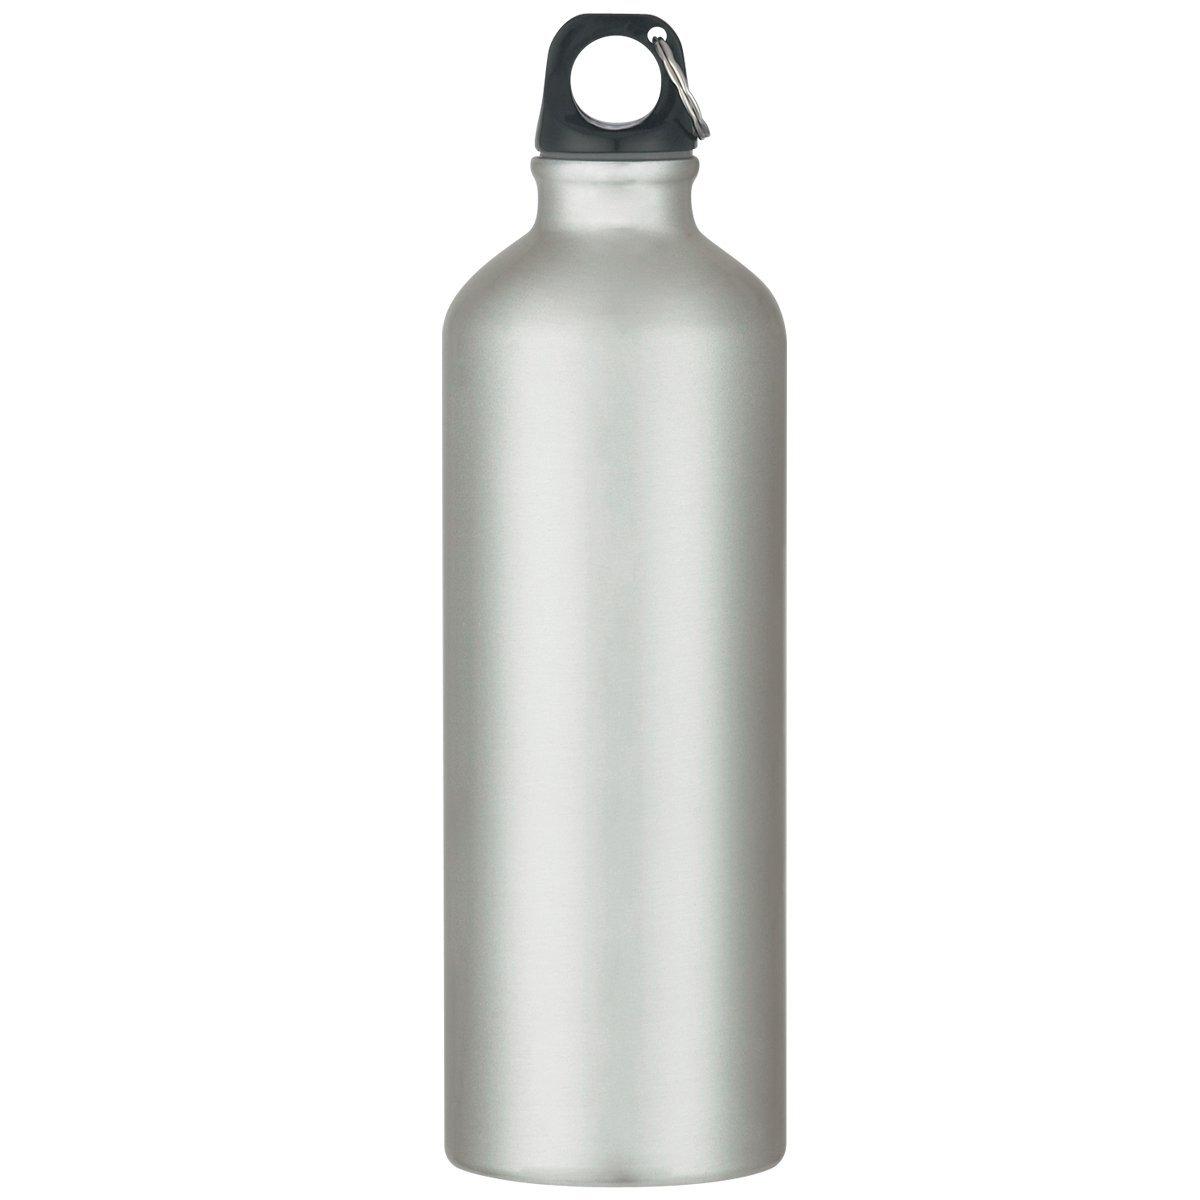 Aluminum Metallic Bike Bottle, 25oz.